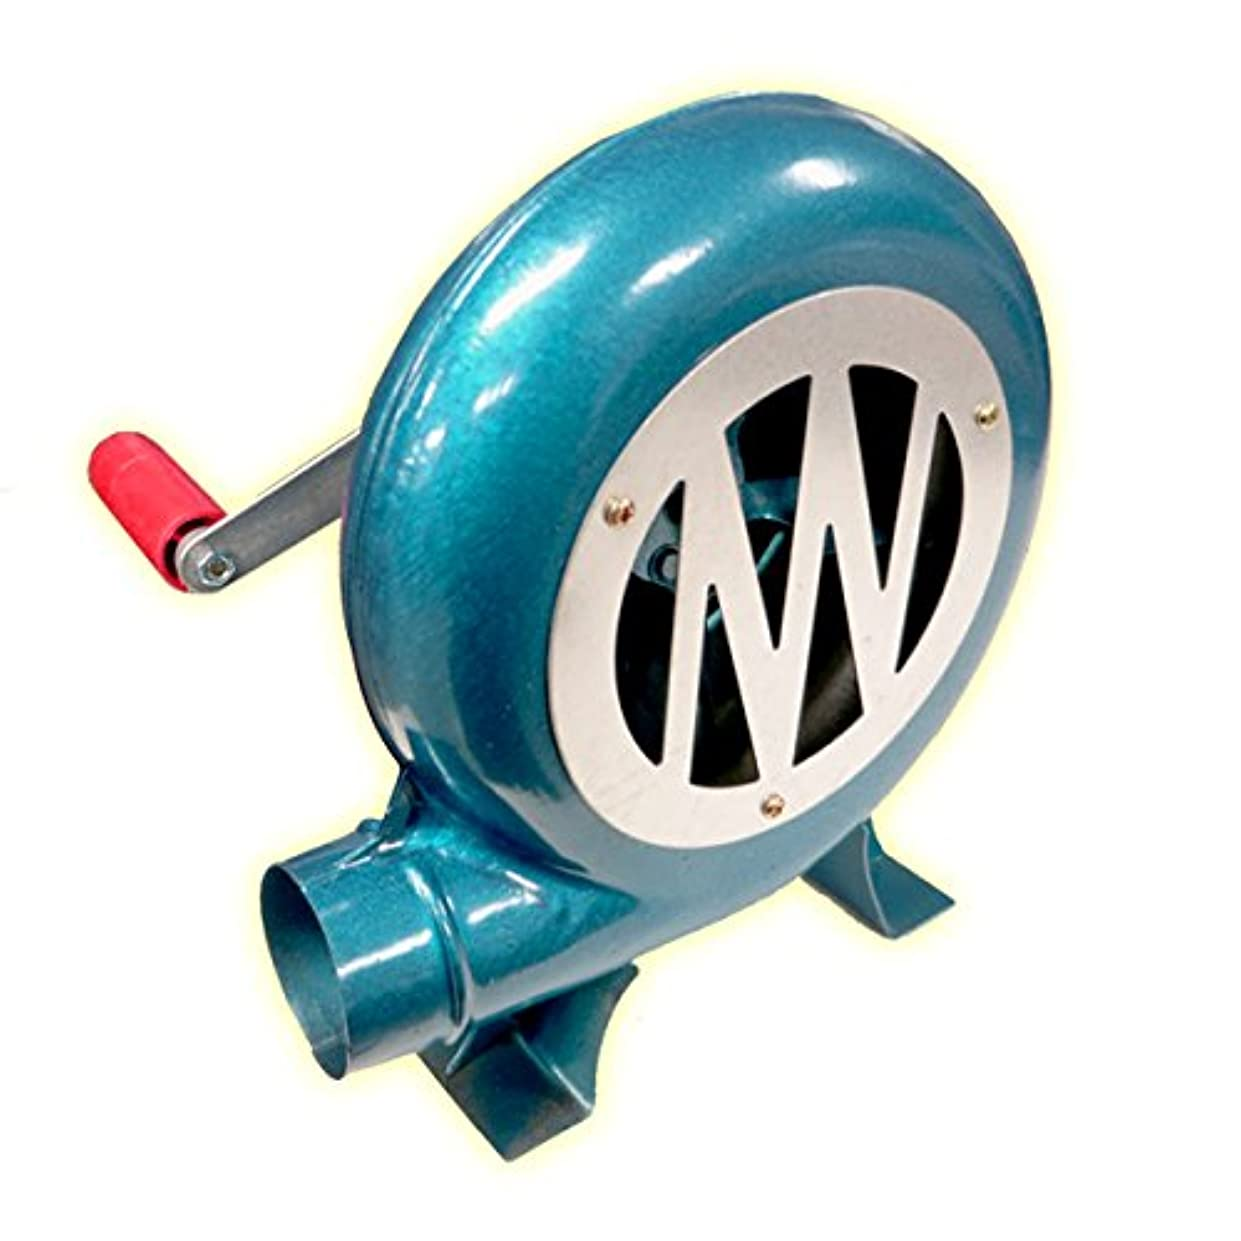 セーブ専門うがいエアブロア手動送風機150w格安B級品/手動式炭火おこし機/電源不要手動式/ハンドブロア/アウトレット品